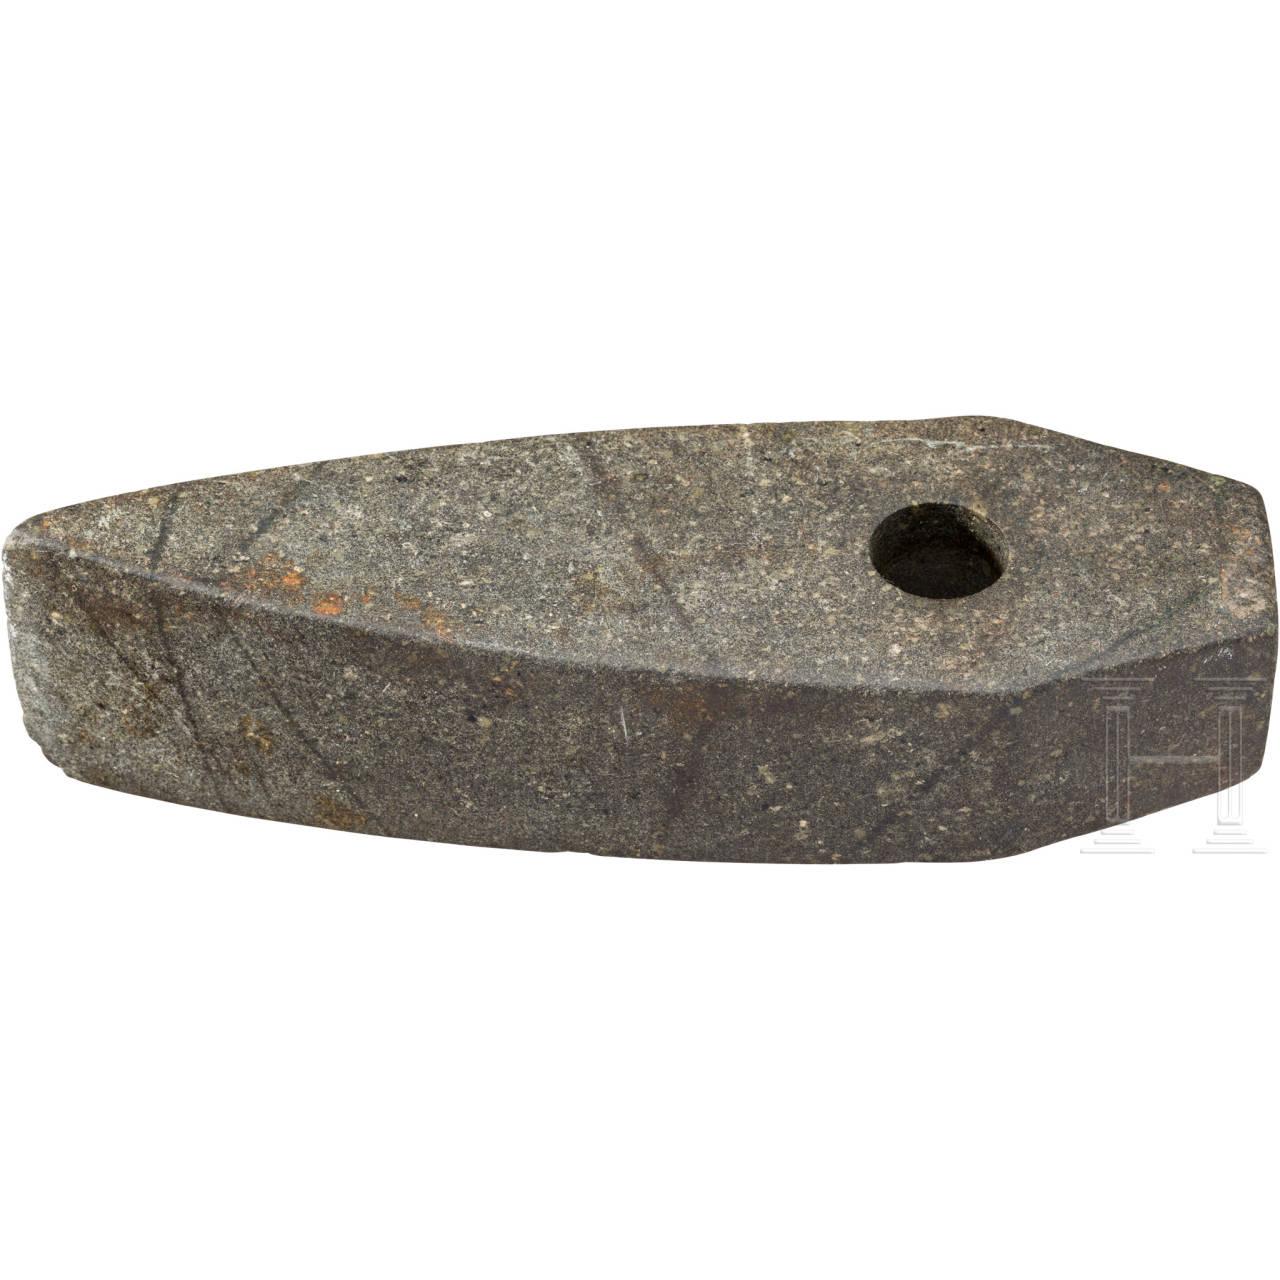 Fünfeckige Steinaxt, jüngere bis späte nordische Bronzezeit, 1100 - 550 v. Chr.